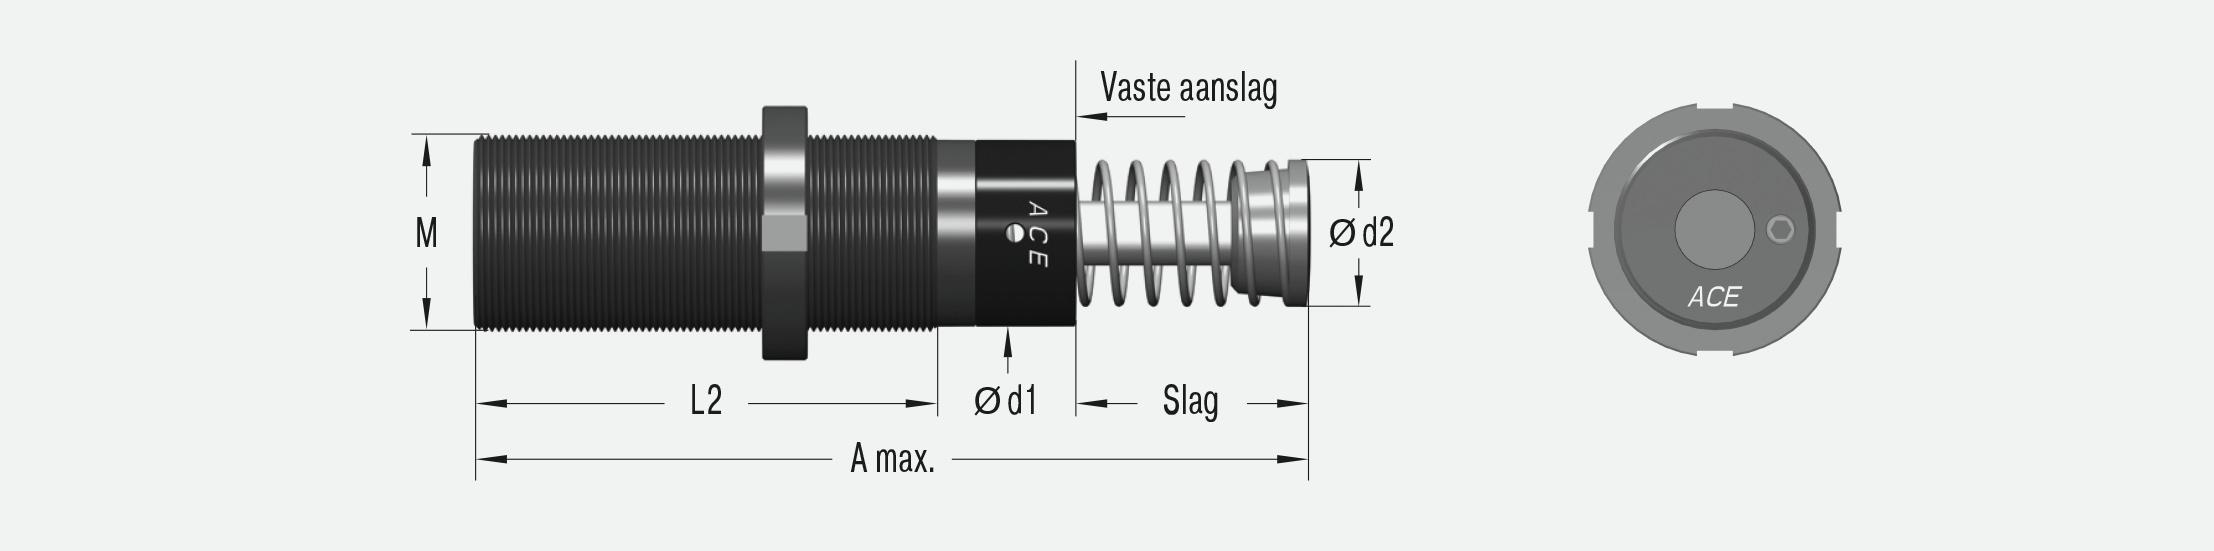 MC64100EUM-2